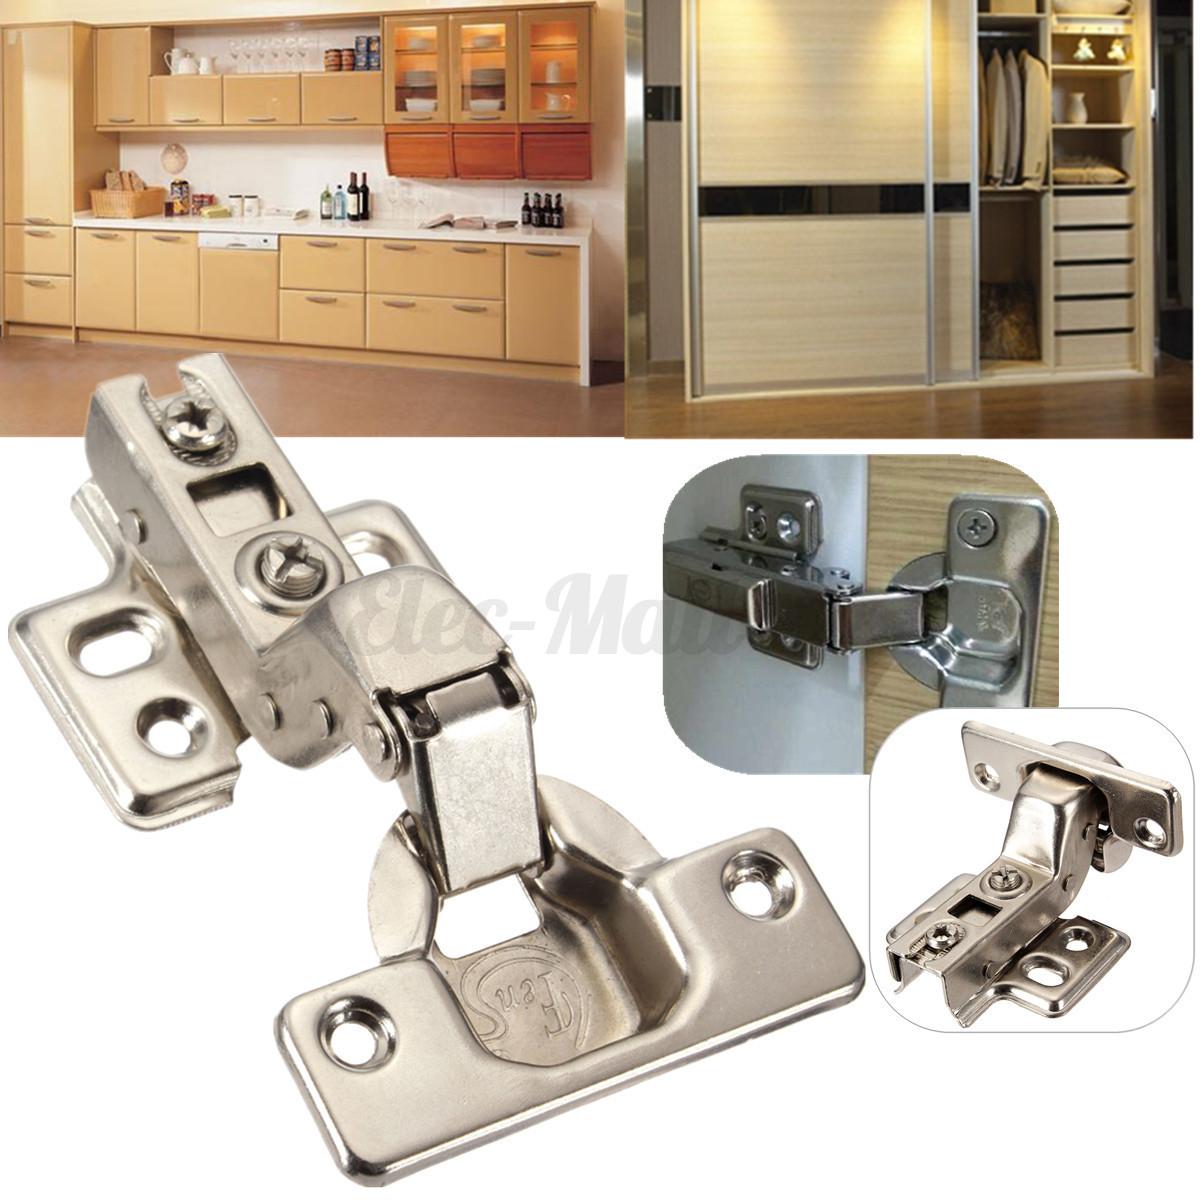 dia 26mm 1inch corner folded cabinet door hinges kitchen bathroom cupboard home. Black Bedroom Furniture Sets. Home Design Ideas